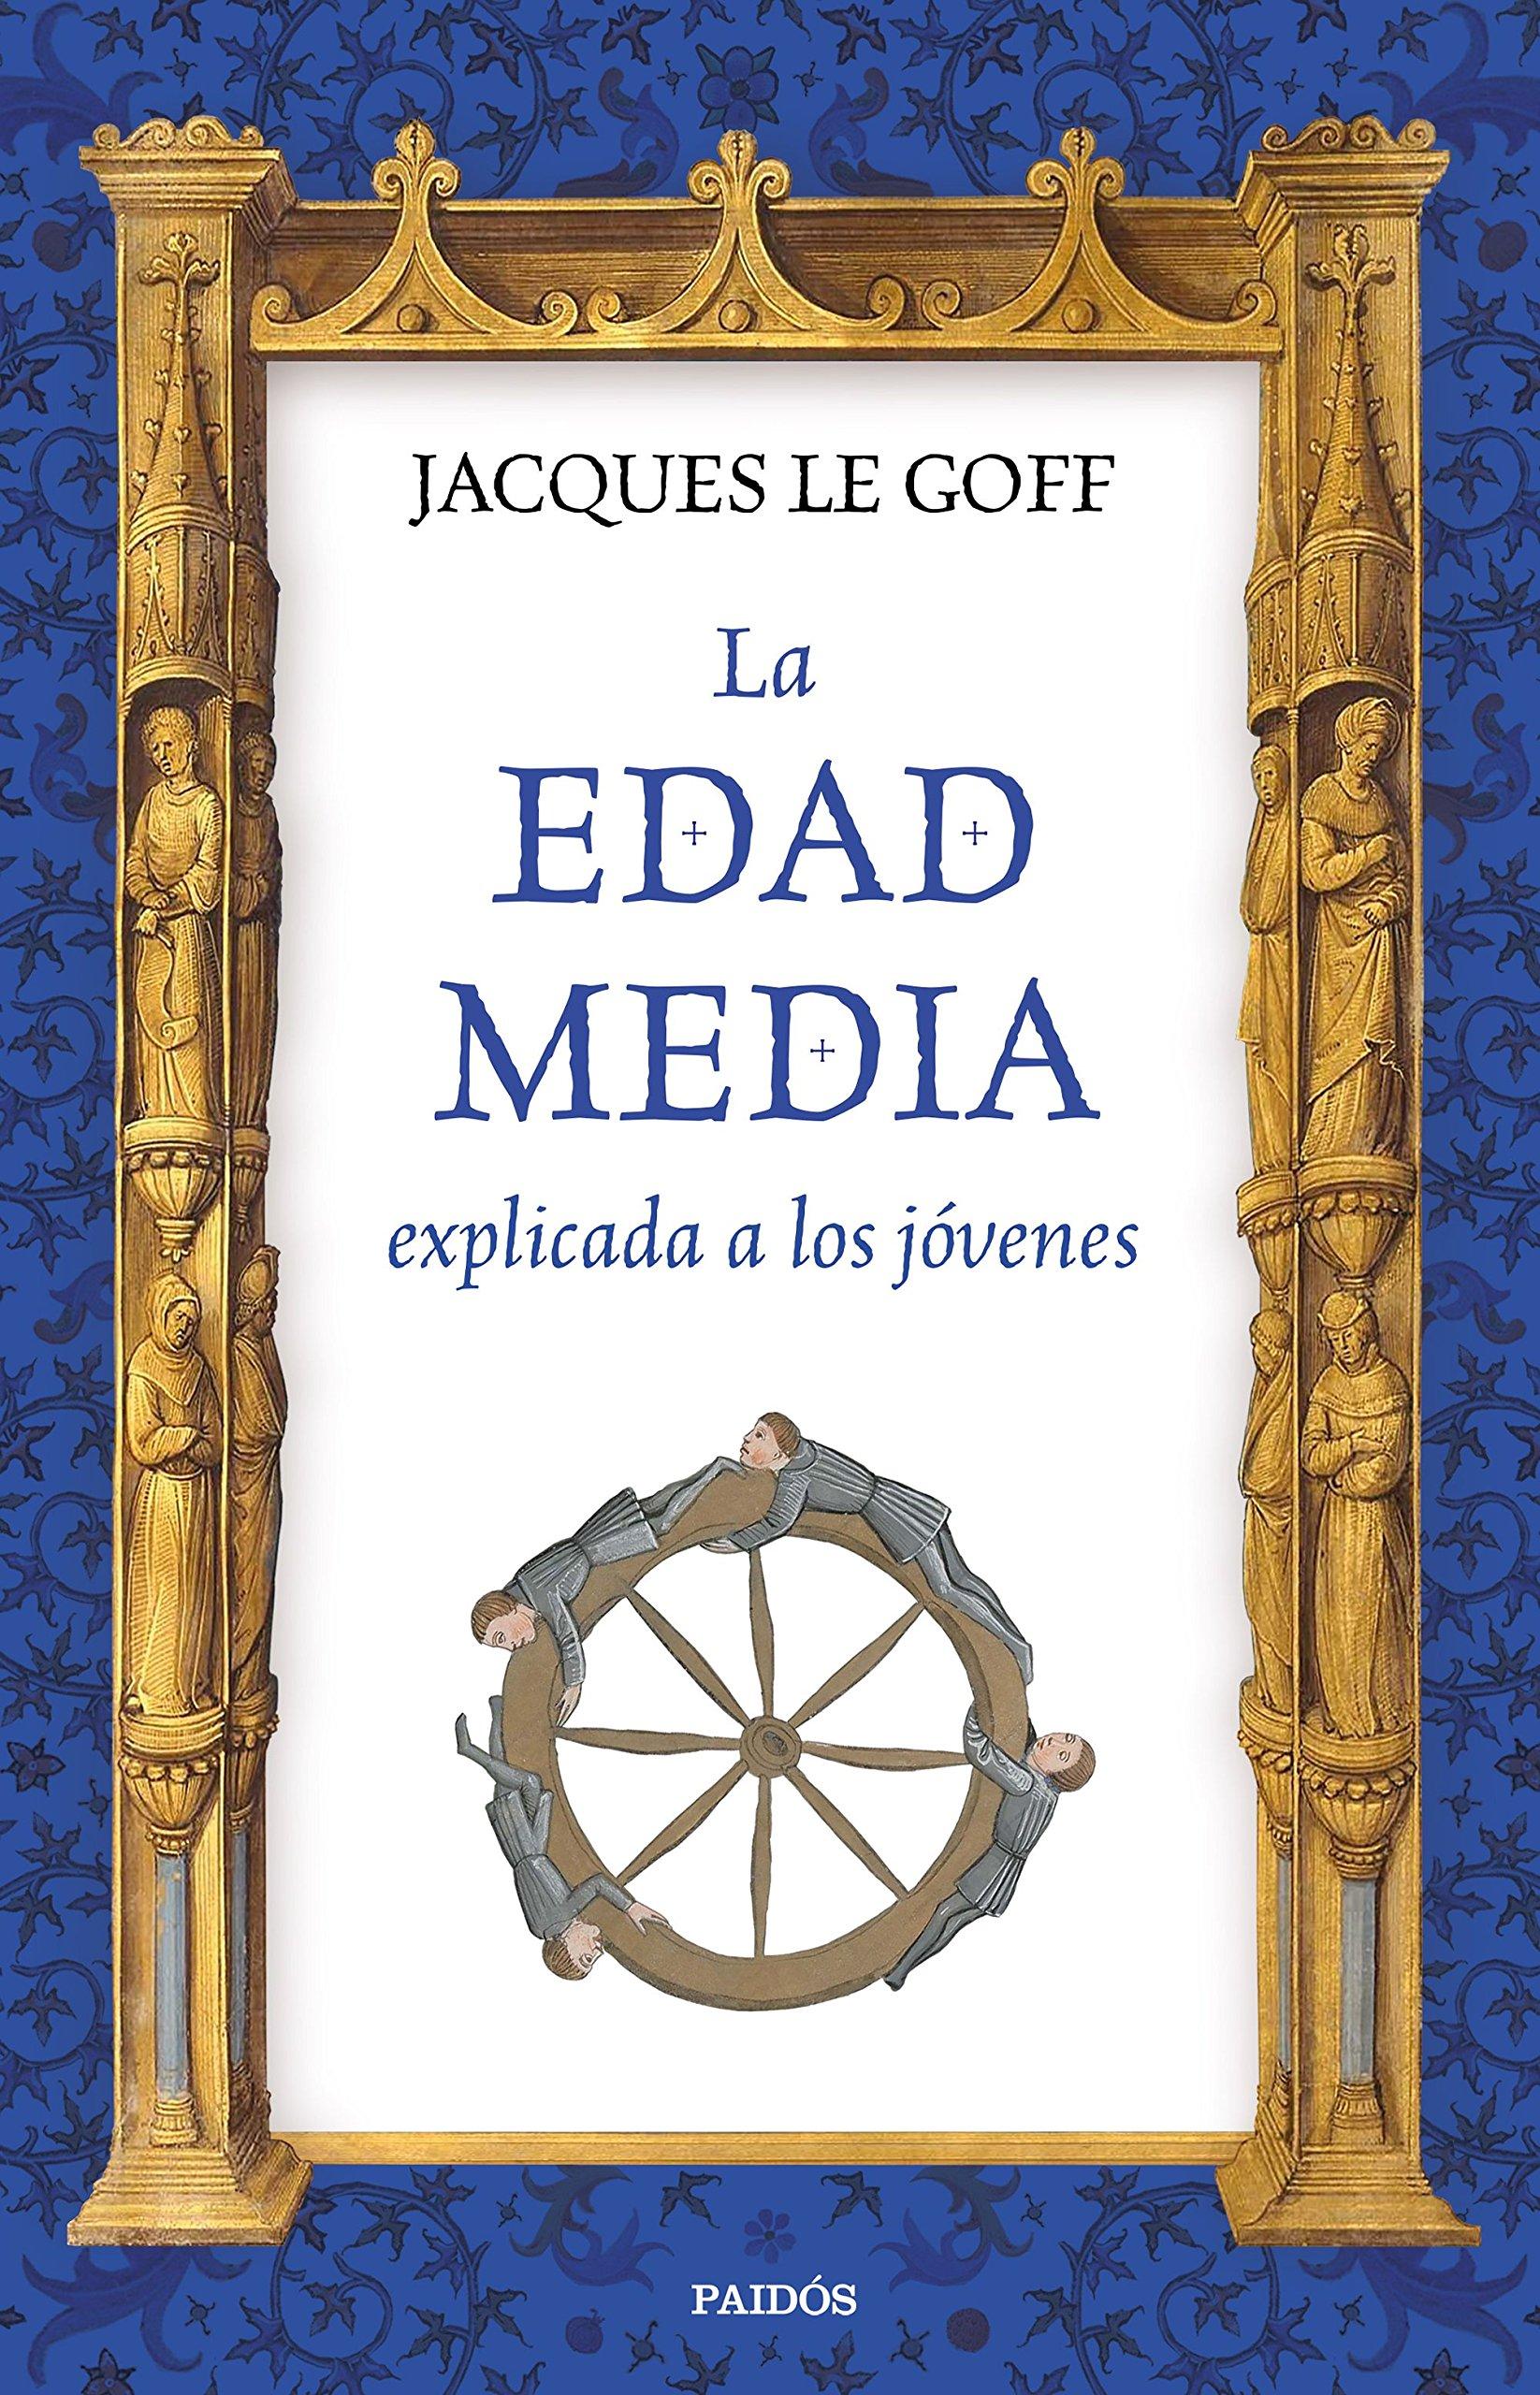 La Edad Media explicada a los jóvenes (Contextos) Tapa blanda – 4 abr 2017 Jacques Le Goff Jordi Terré Ediciones Paidós 8449333318